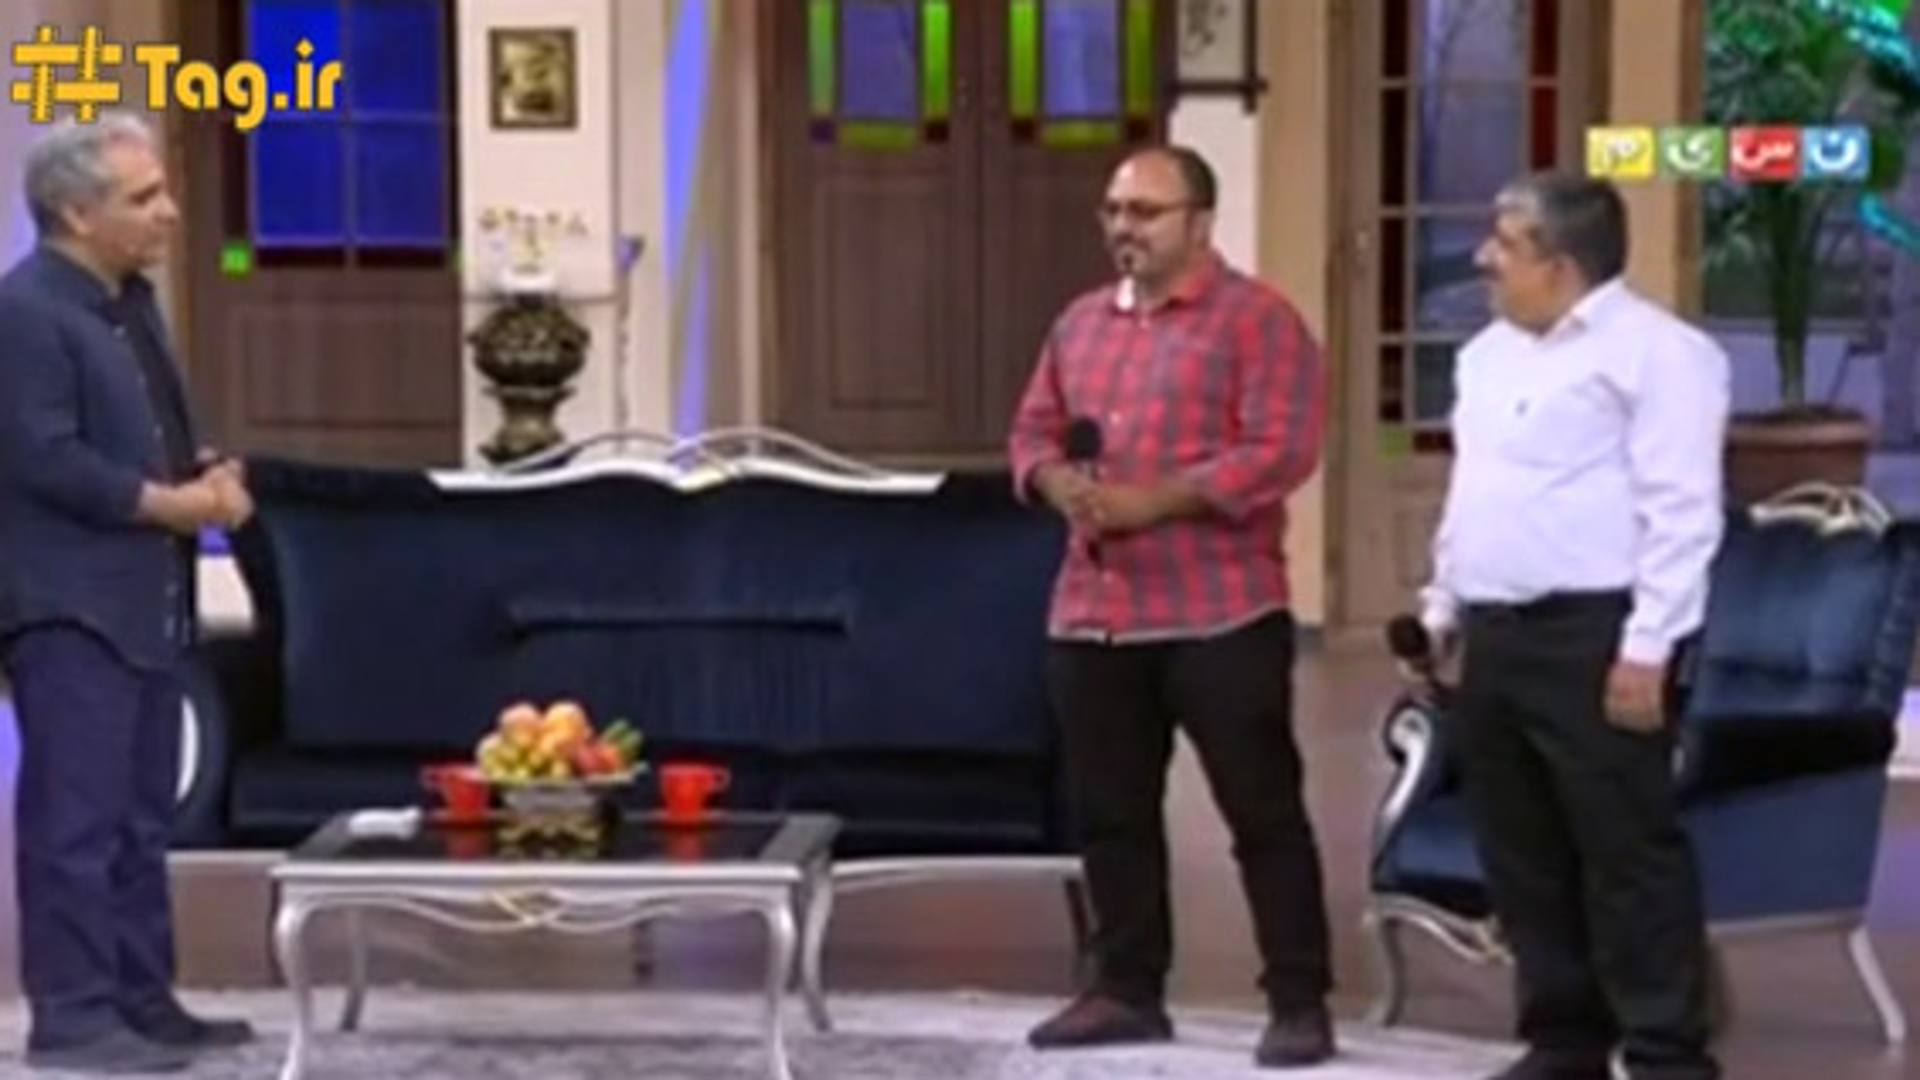 طنز نمایشی دورهمی با شرکت تماشاگران؛ تفاوت تهران و شهرستان | فیلم